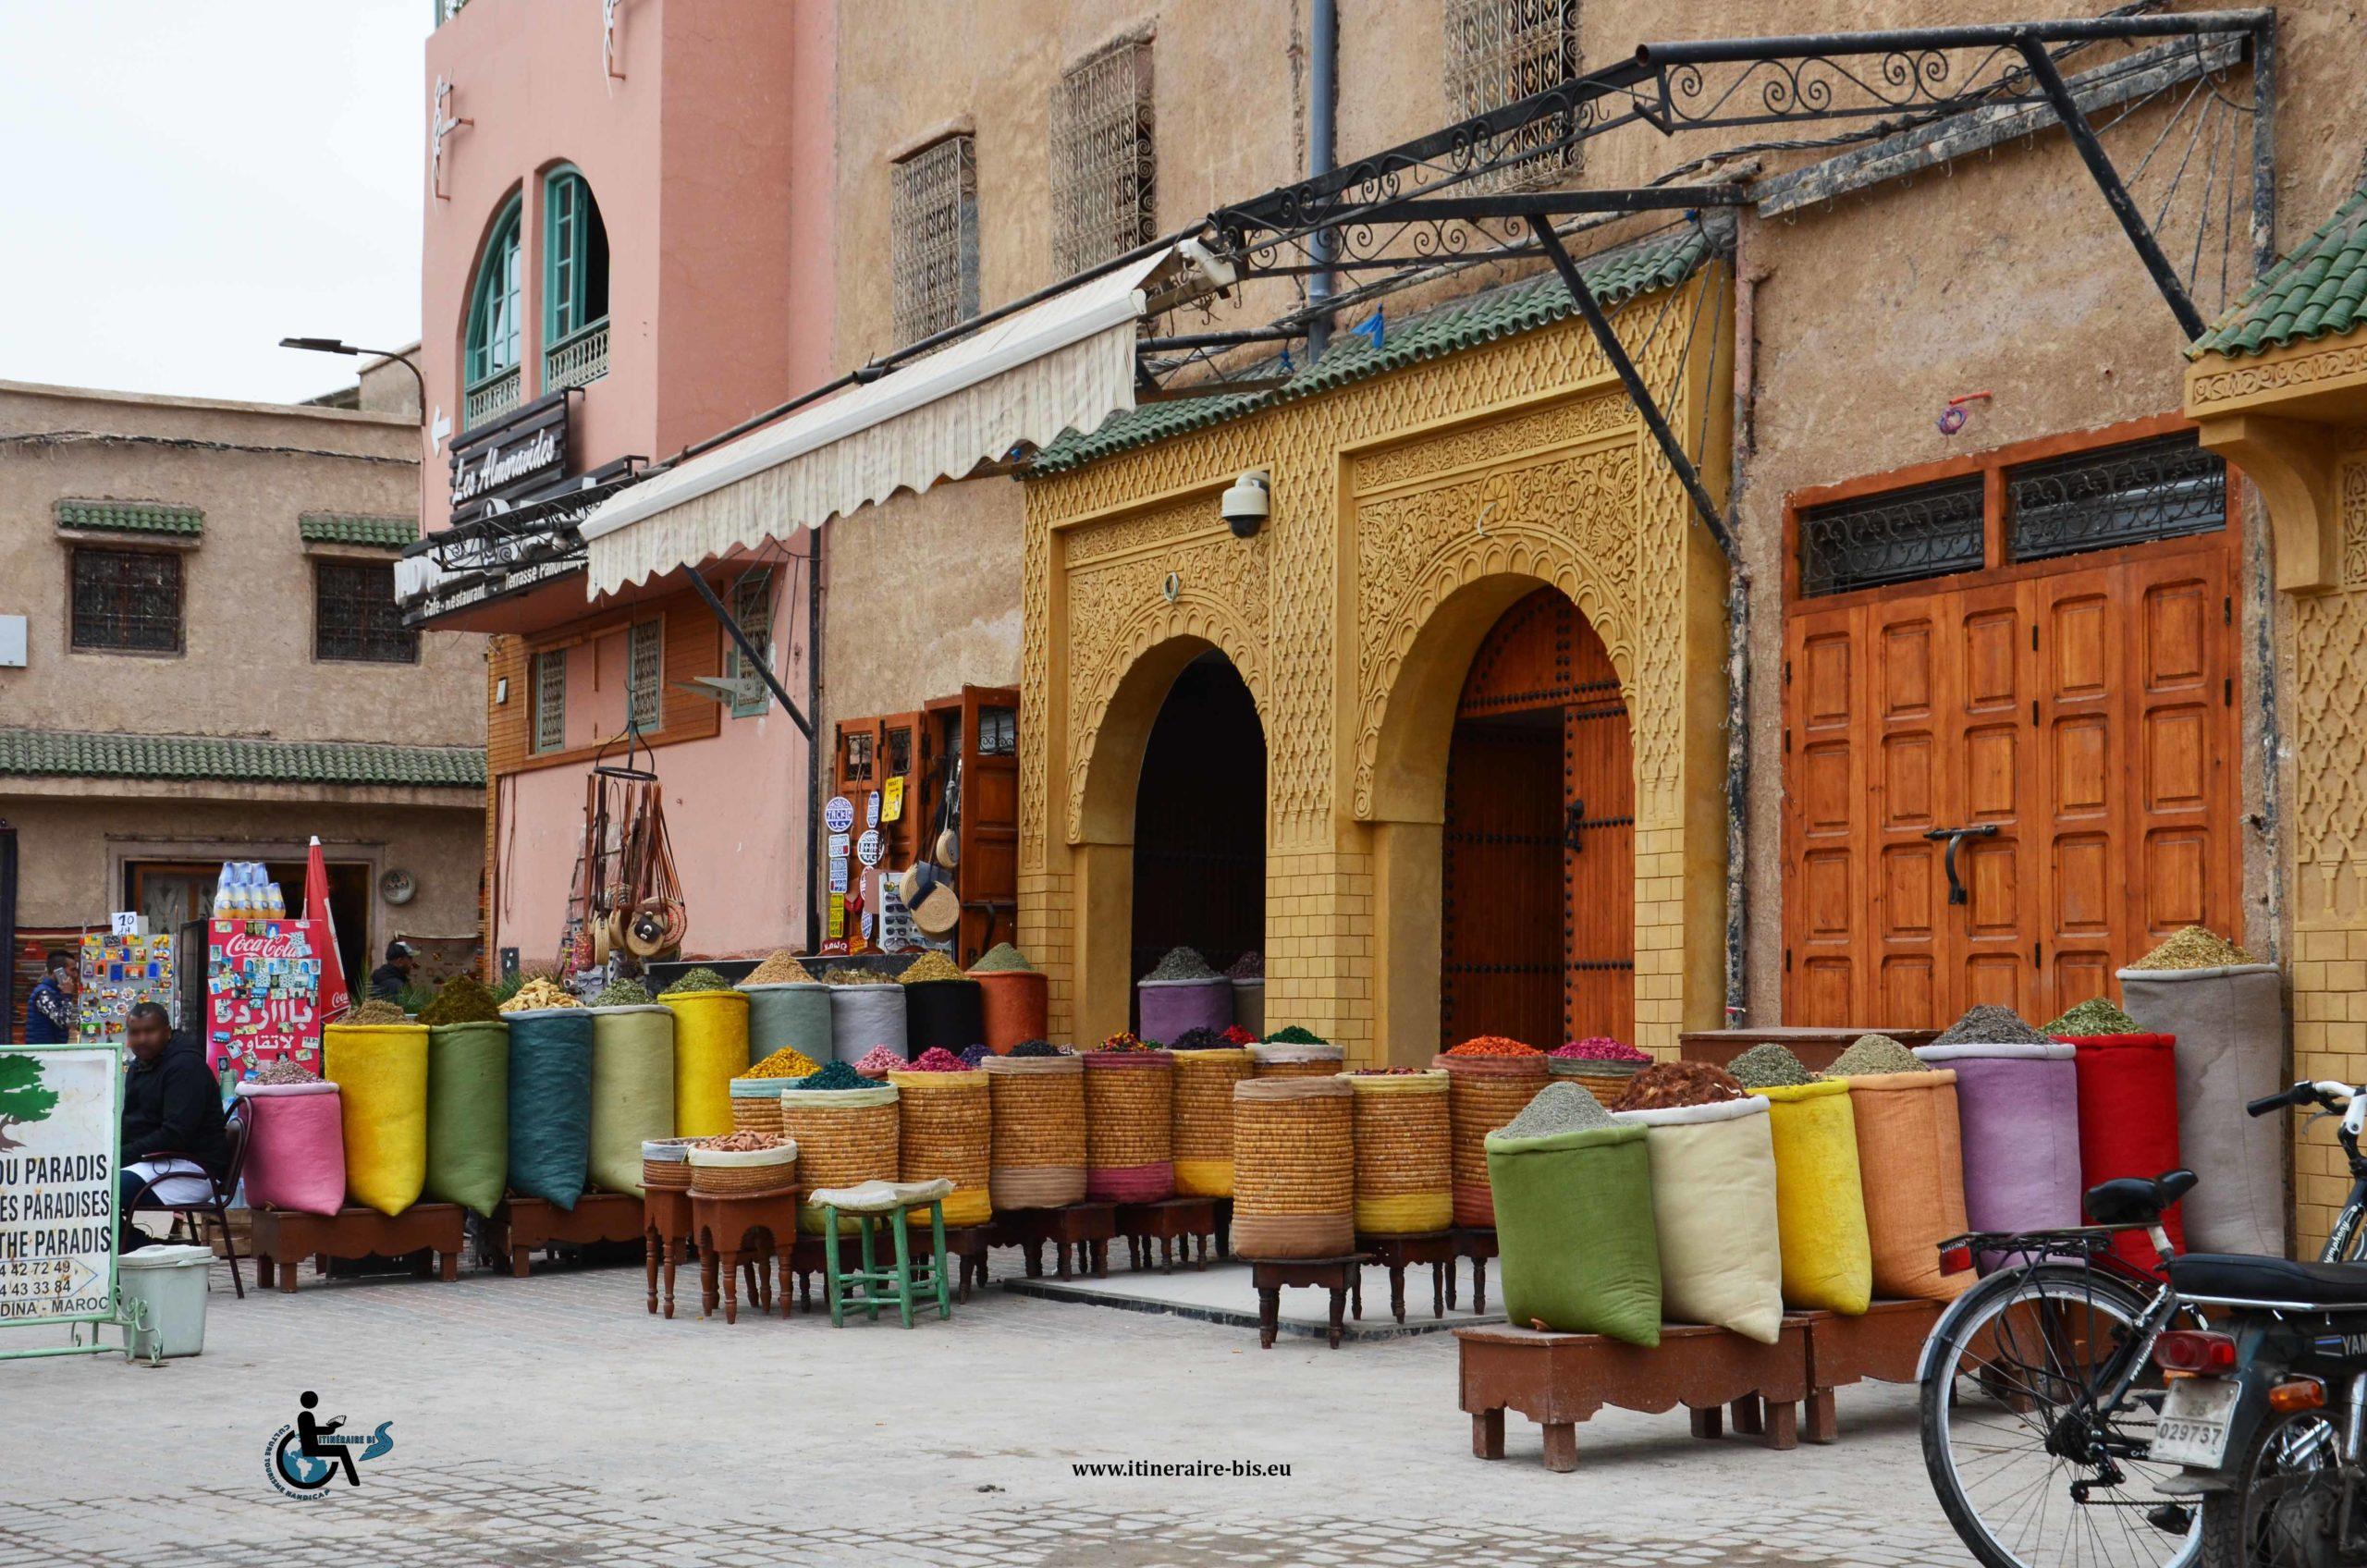 Cette boutique se situe près du musée de marrakech